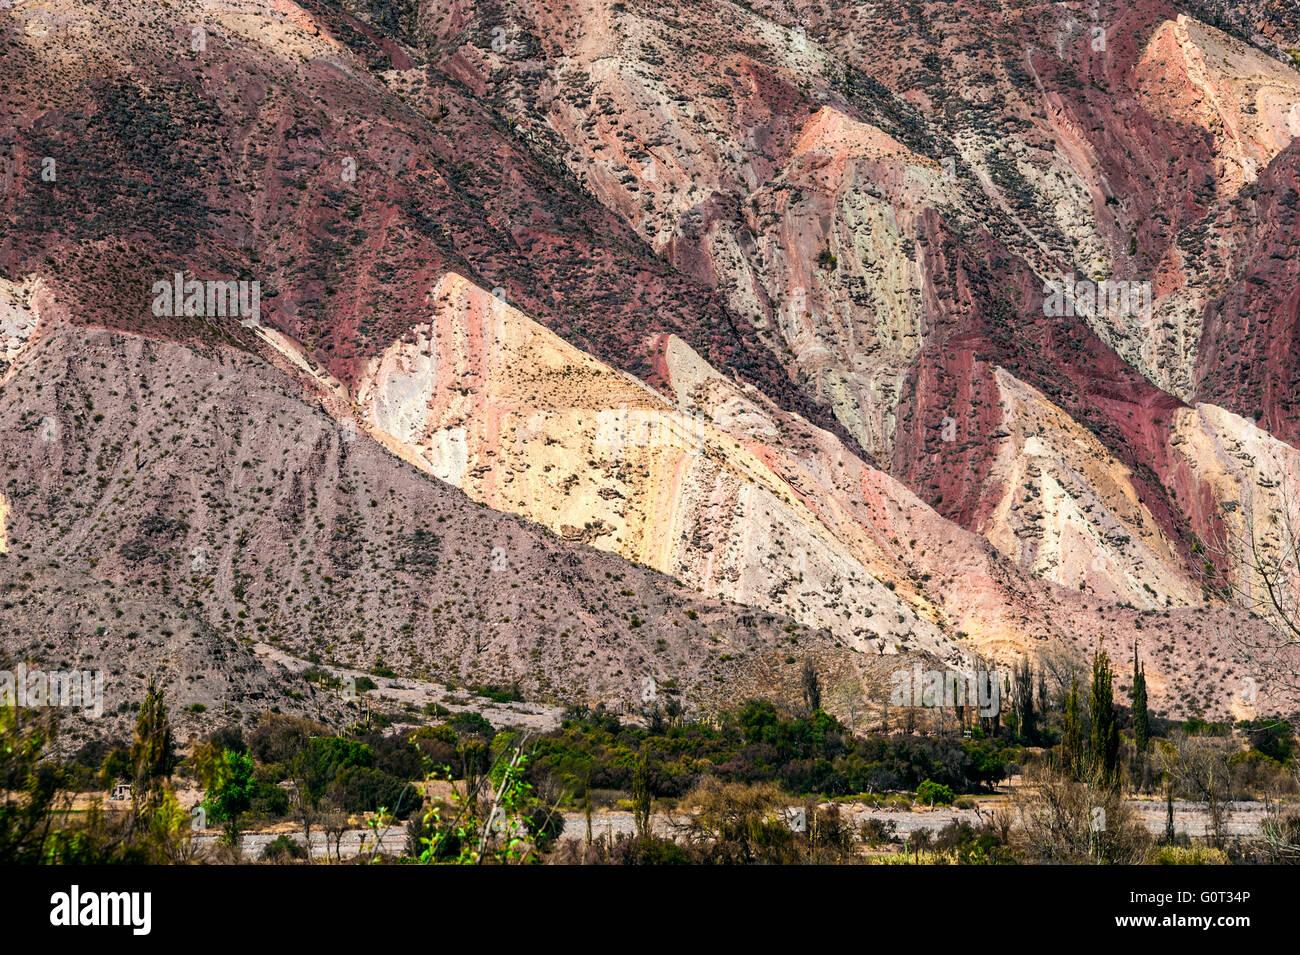 Valle pittoresca della Quebrada de Humahuaca, centrale Ande Altiplano, Argentina Immagini Stock